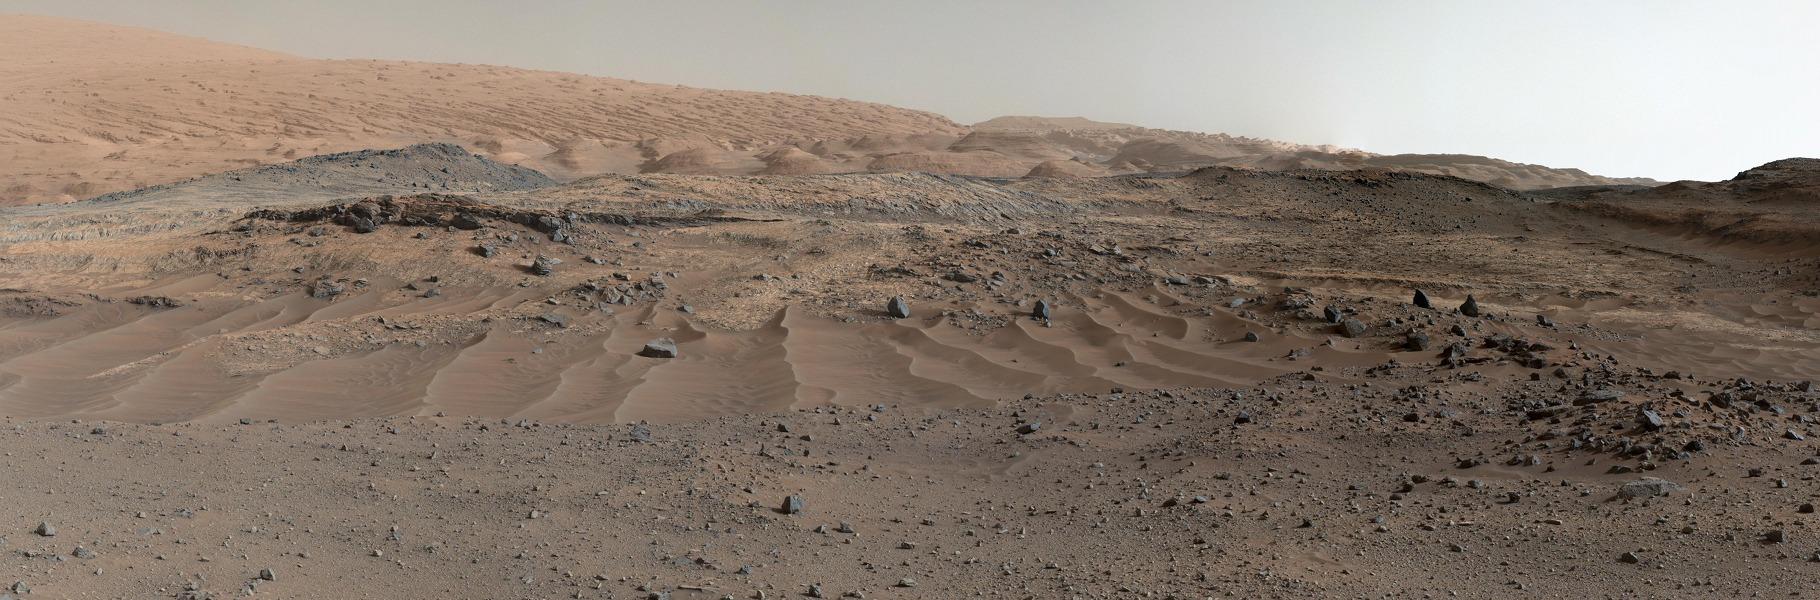 این تصویر از کاوشگر کنجکاوی شنها، ماسههای موّاج و سنگها را بر فراز تپهها نشان میدهد. تک تک تصاویر ترکیبی را به وجود آورده در روزهای مریخیِ 952 و 953 از این ماموریت، یعنی در تاریخ 6 آگوست 2012 گرفته شده است.